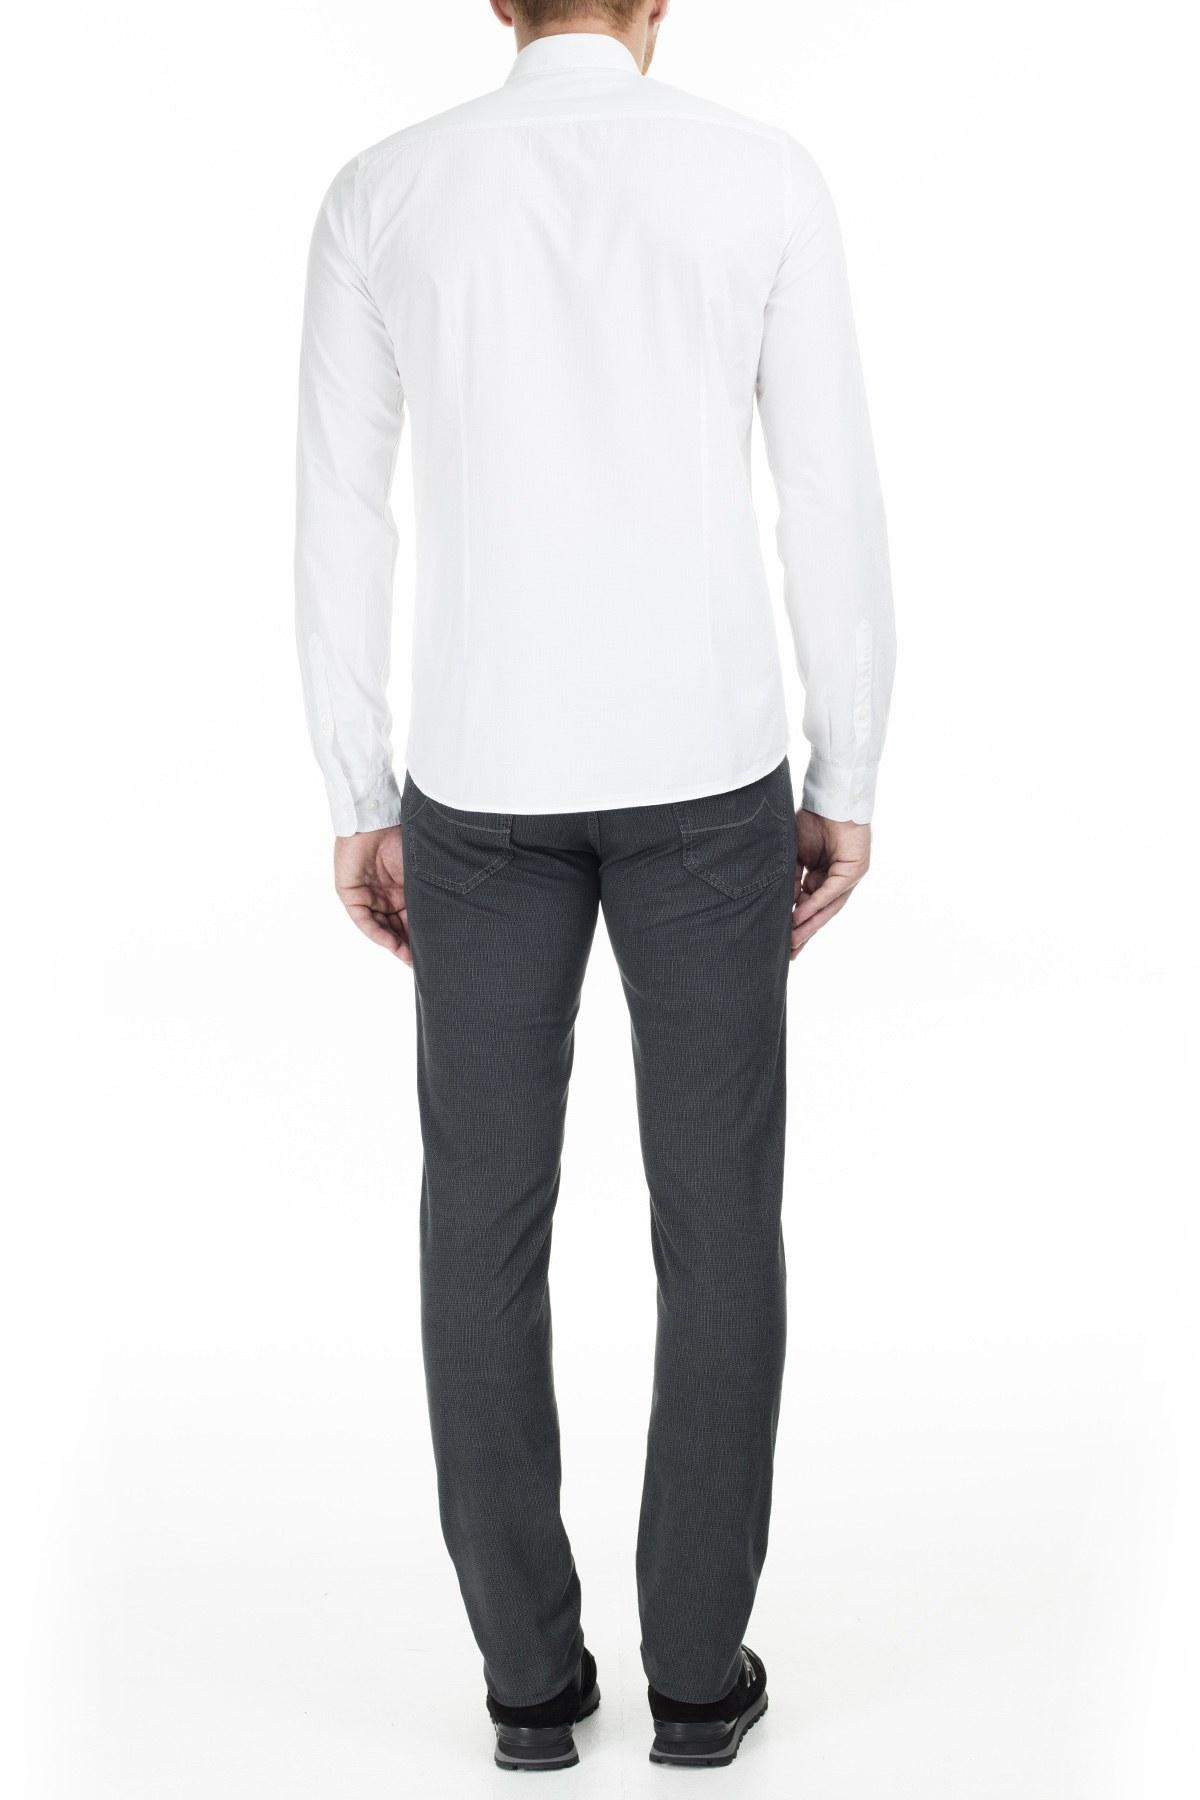 Jacob Cohen Jeans Erkek Pamuklu Pantolon J622 SLIM 01620S 930 ANTRASİT